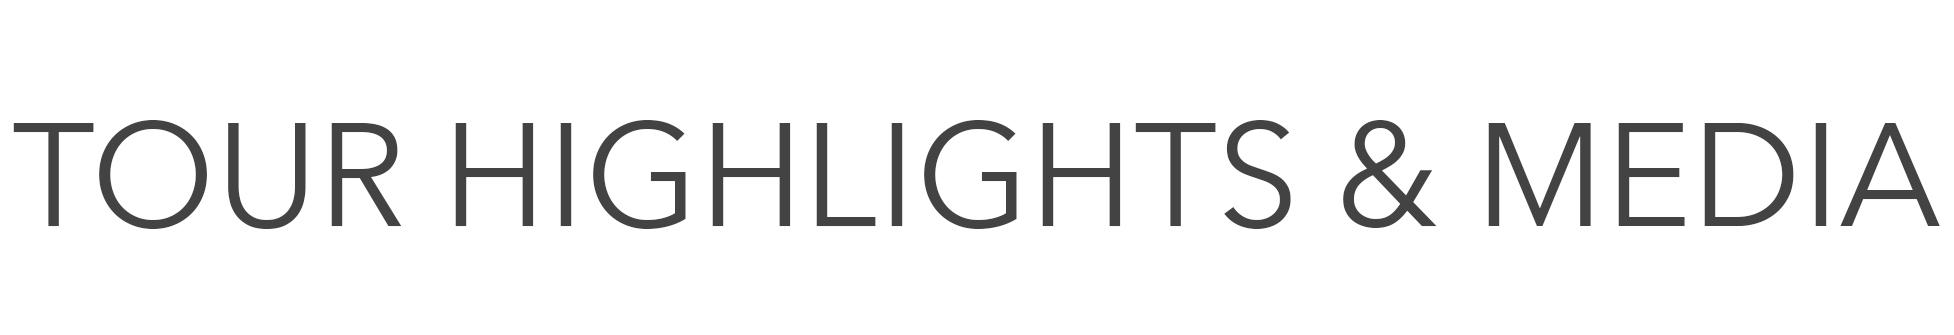 Highlights & Media.jpg